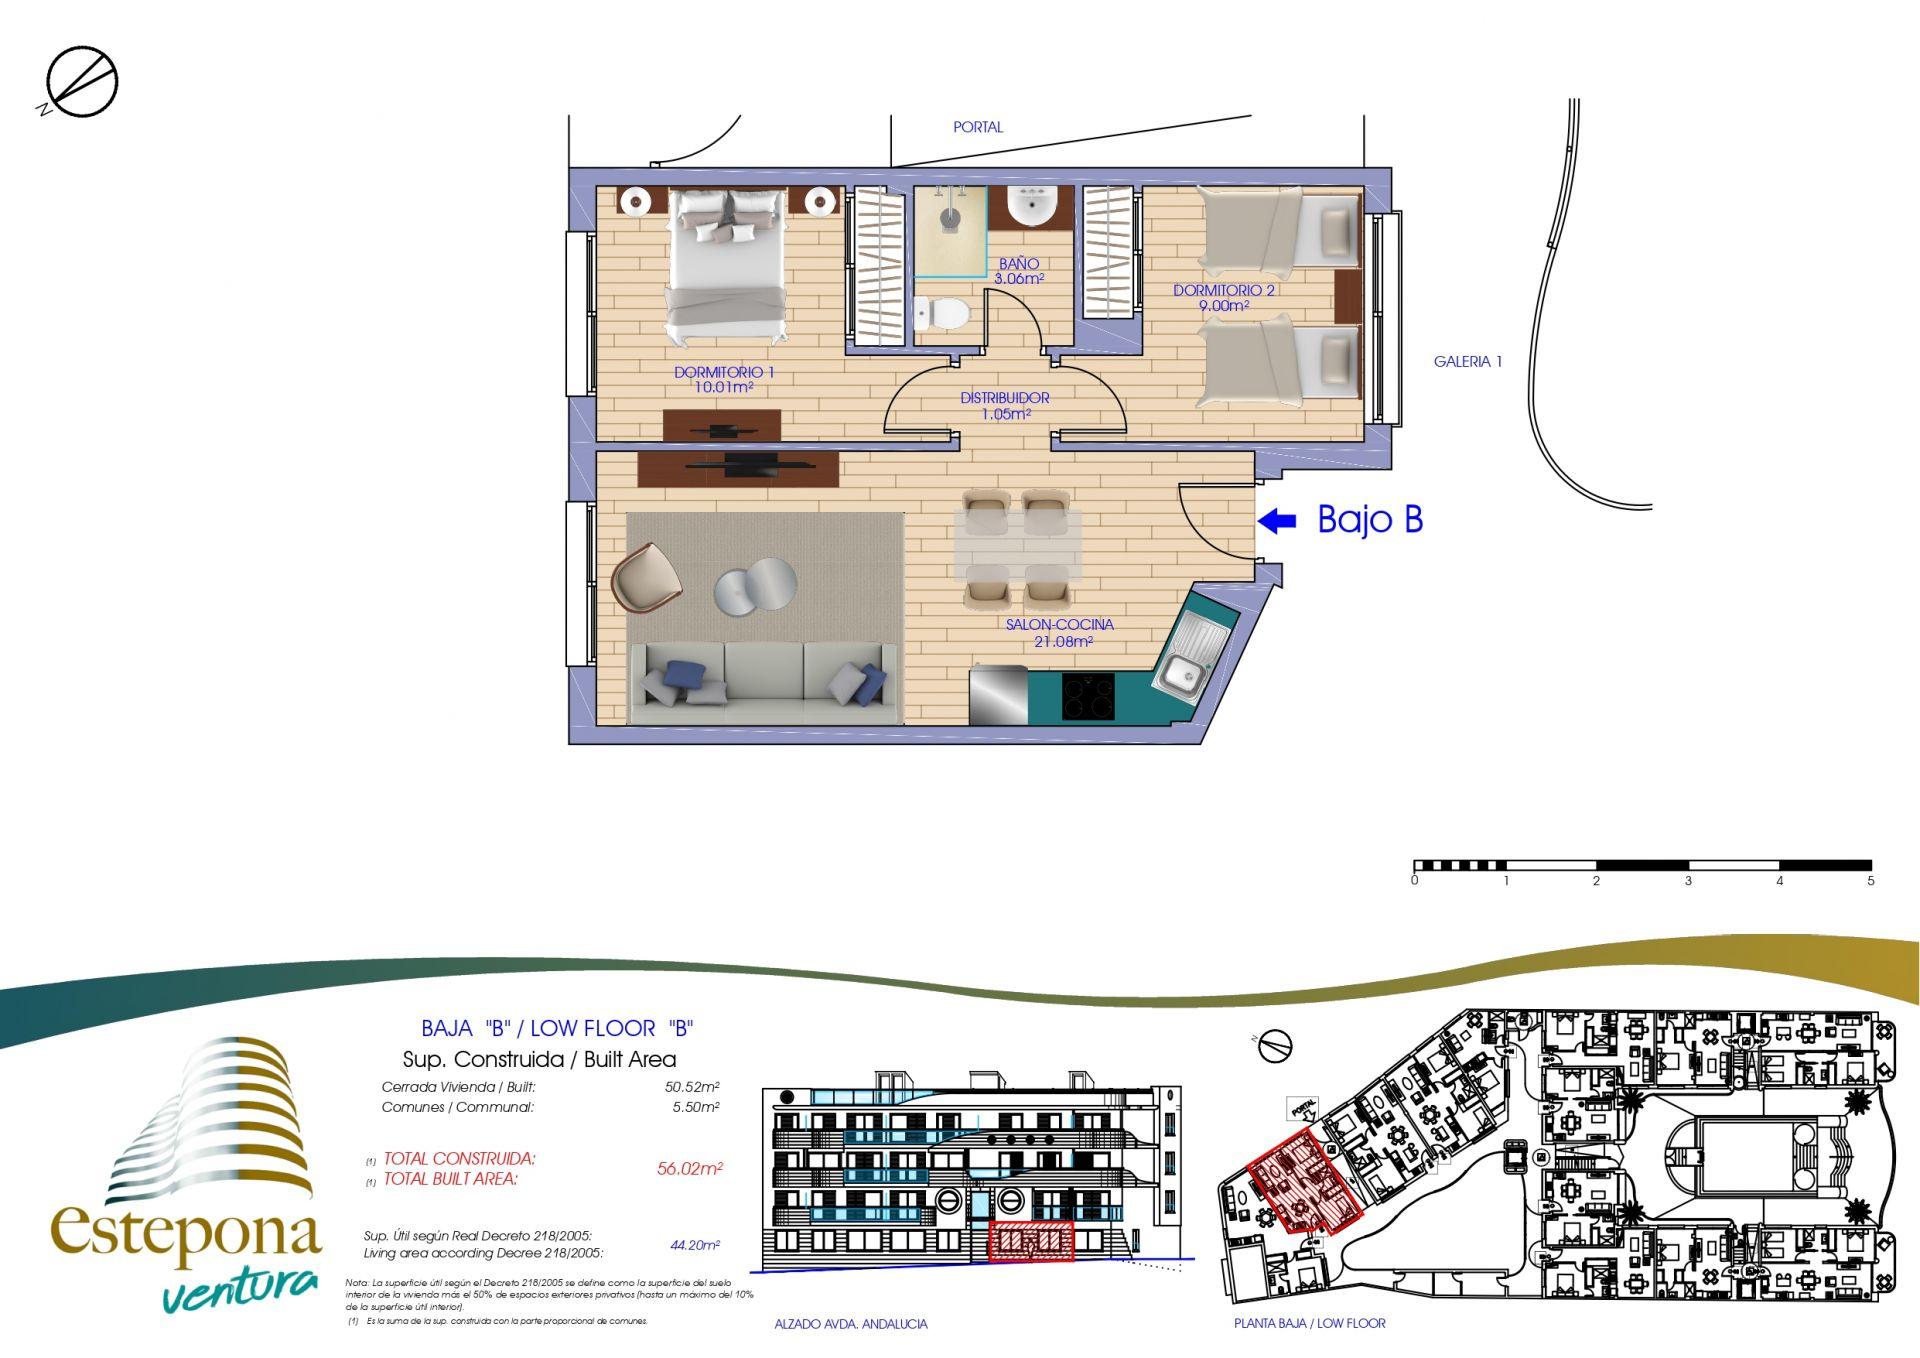 Bb - Ventura Estepona | Compra de casa en Estepona